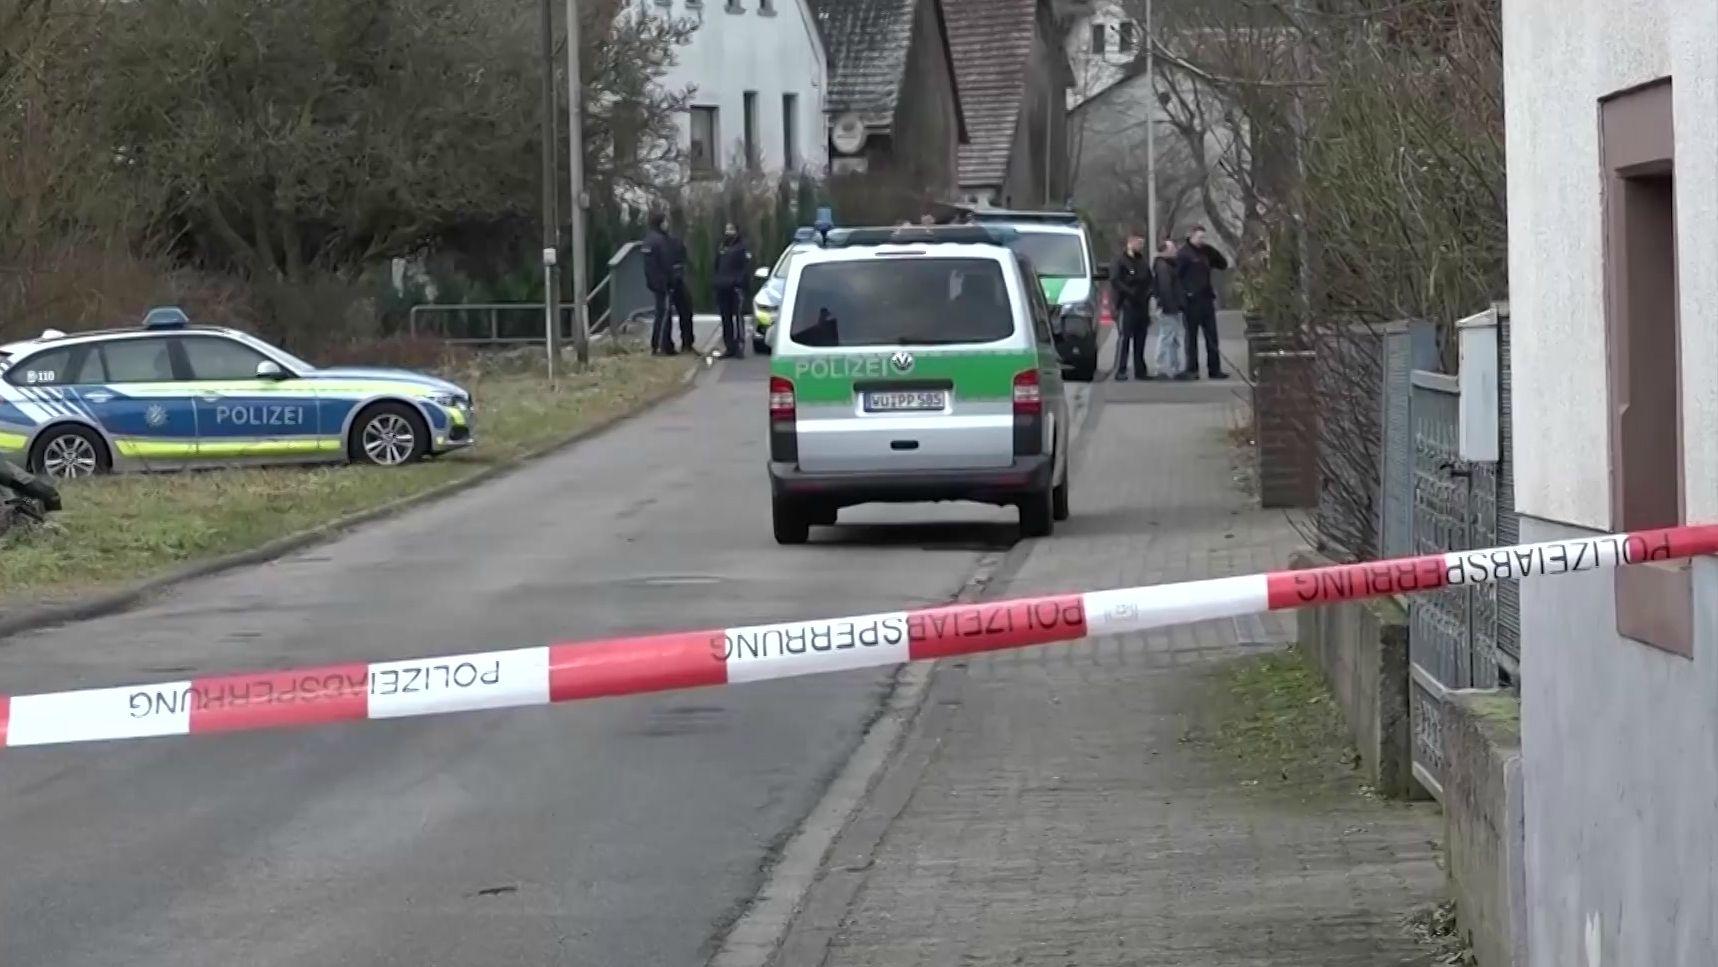 Polizei-Einsatz in Mömbris